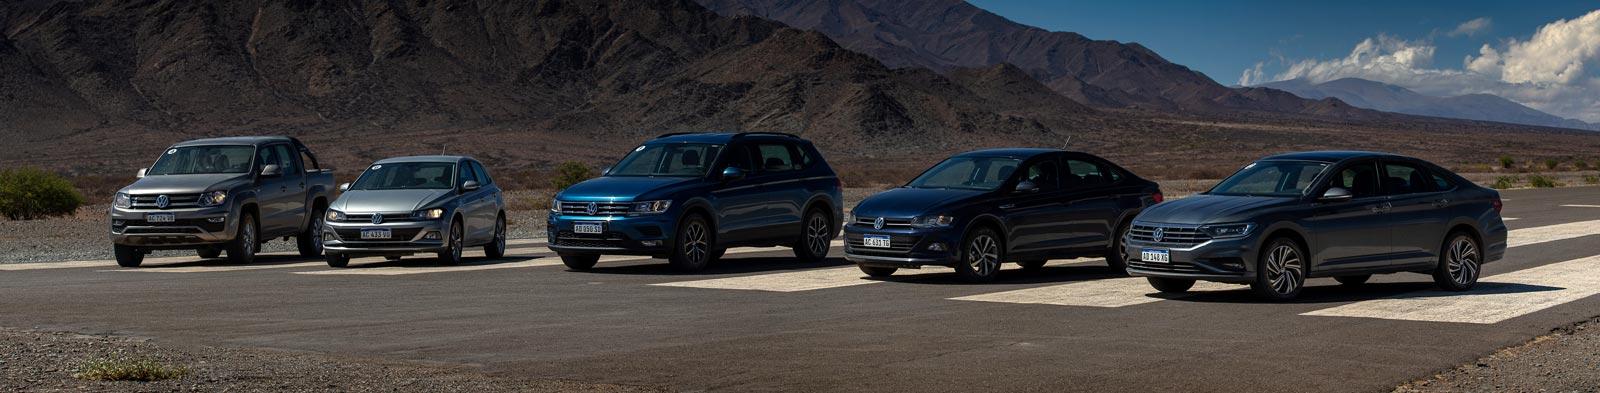 Volkswagen lanzamientos 2018